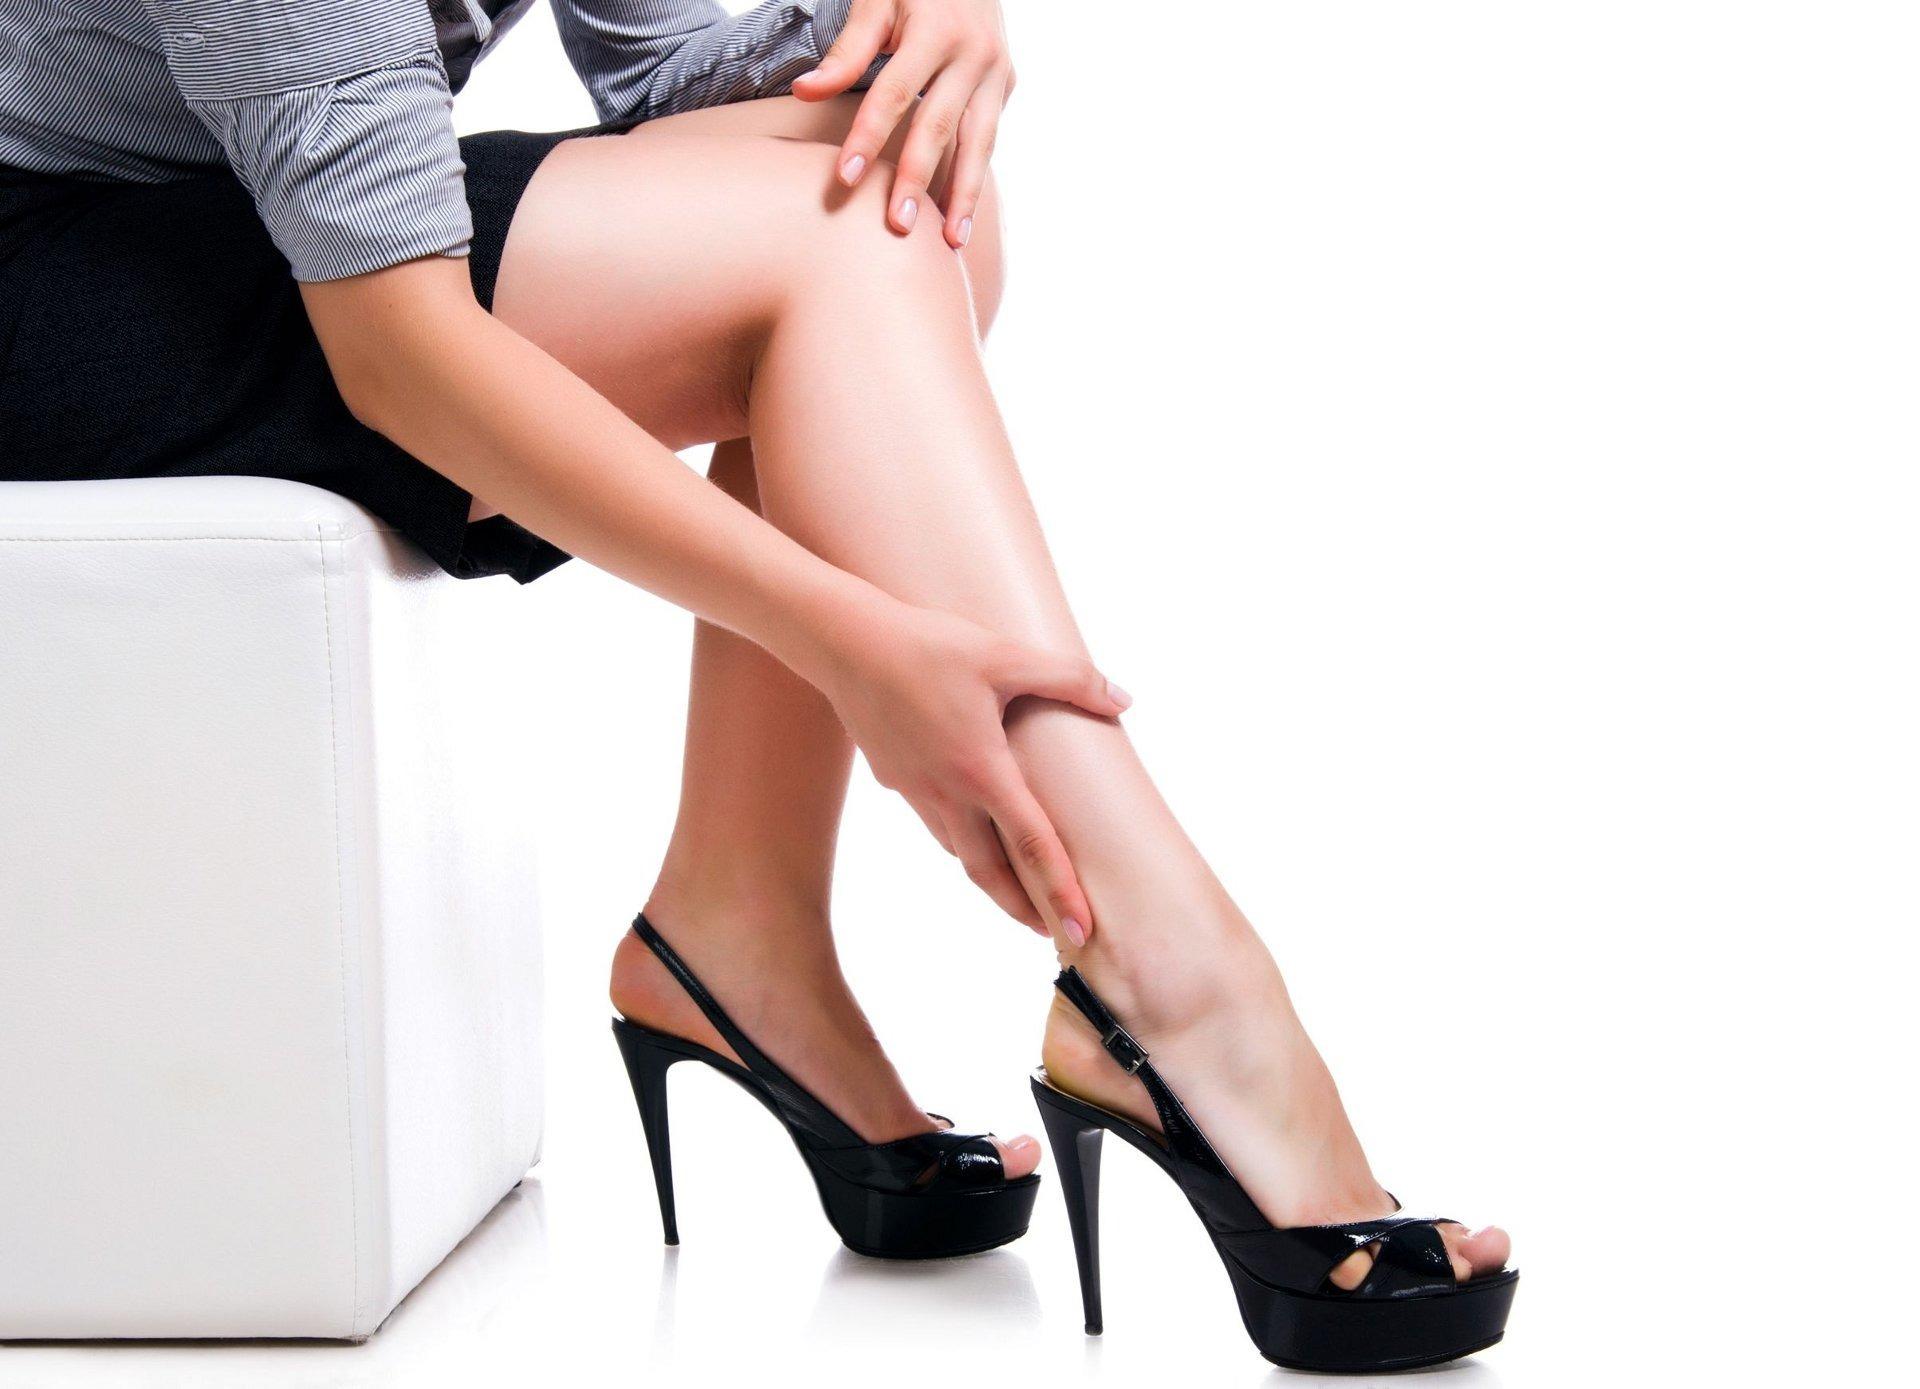 zylaki konczyn dolnych domowe sposoby leczenia hemoroidow